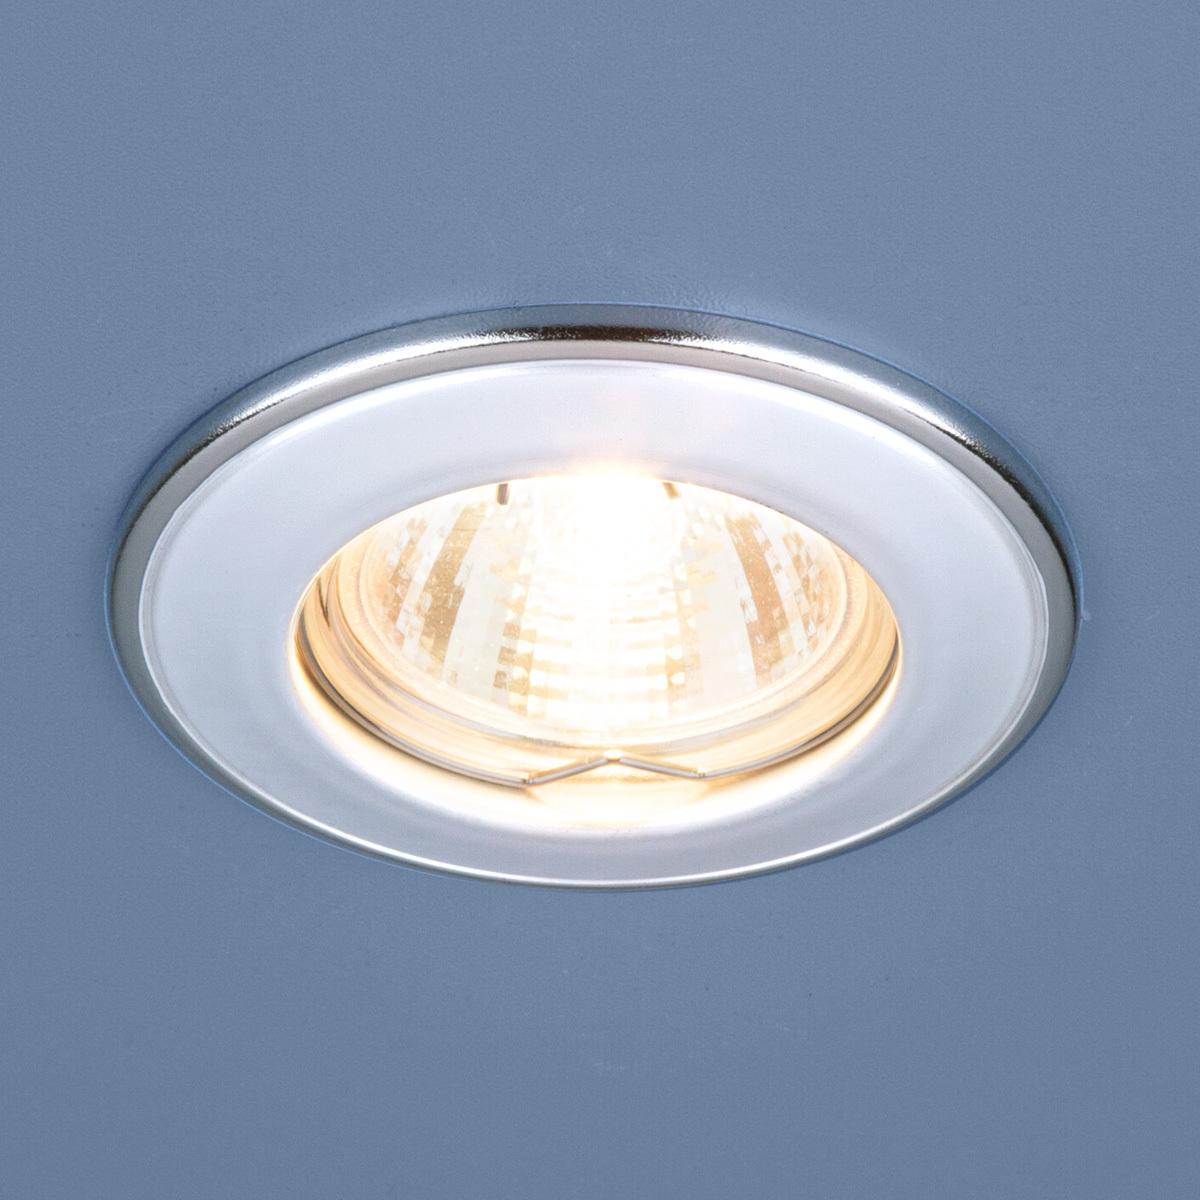 Встраиваемый светильник Elektrostandard Точечный 7002 MR16 WH/SL, G5.3 встраиваемый светильник elektrostandard 7002 mr16 wh gd белый золото 4690389082528